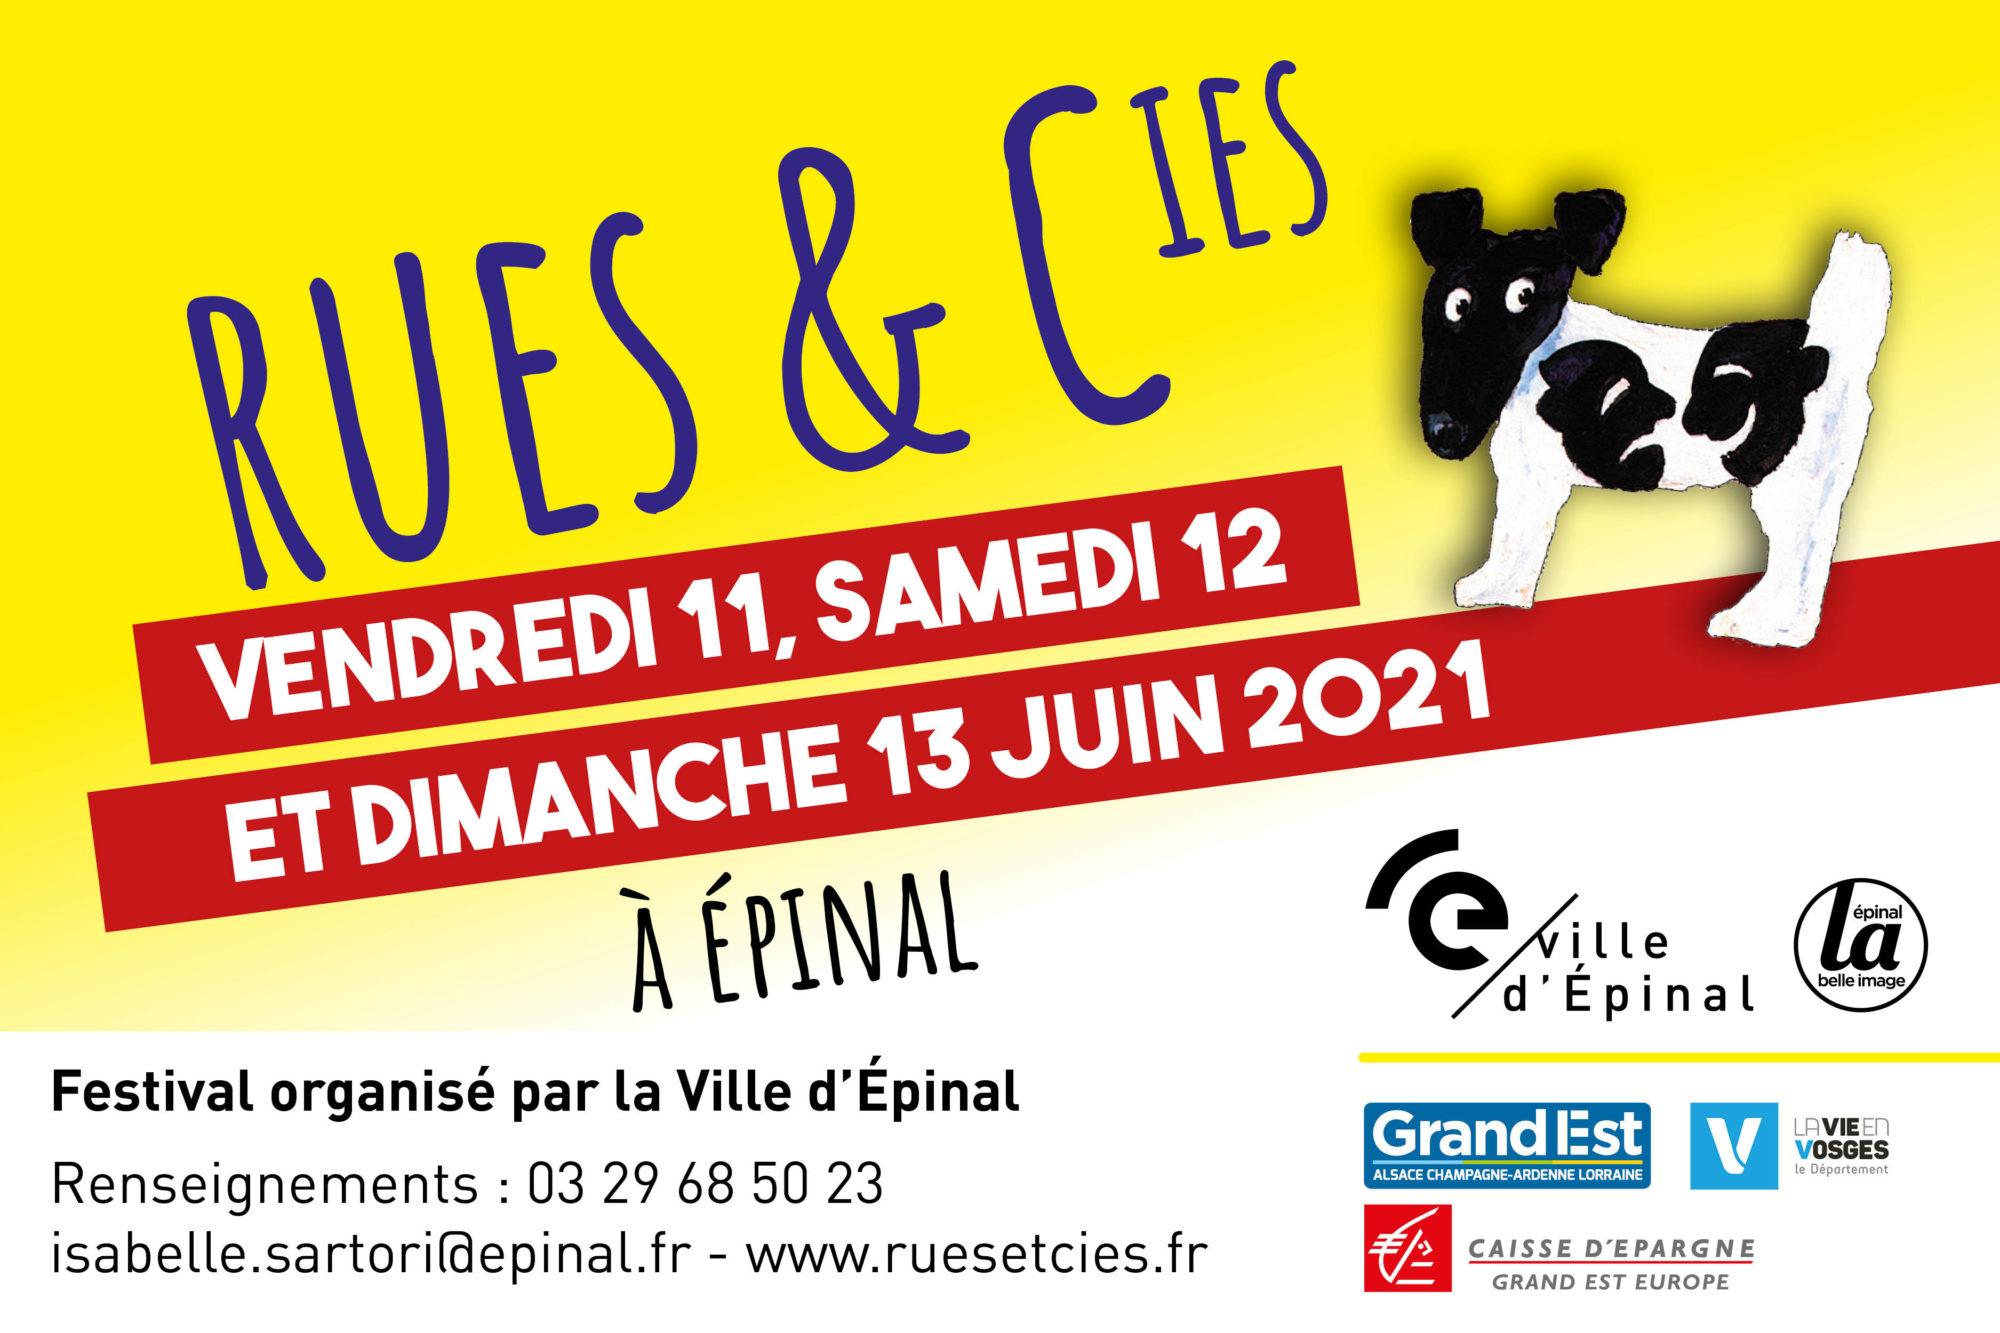 Rues & Cies